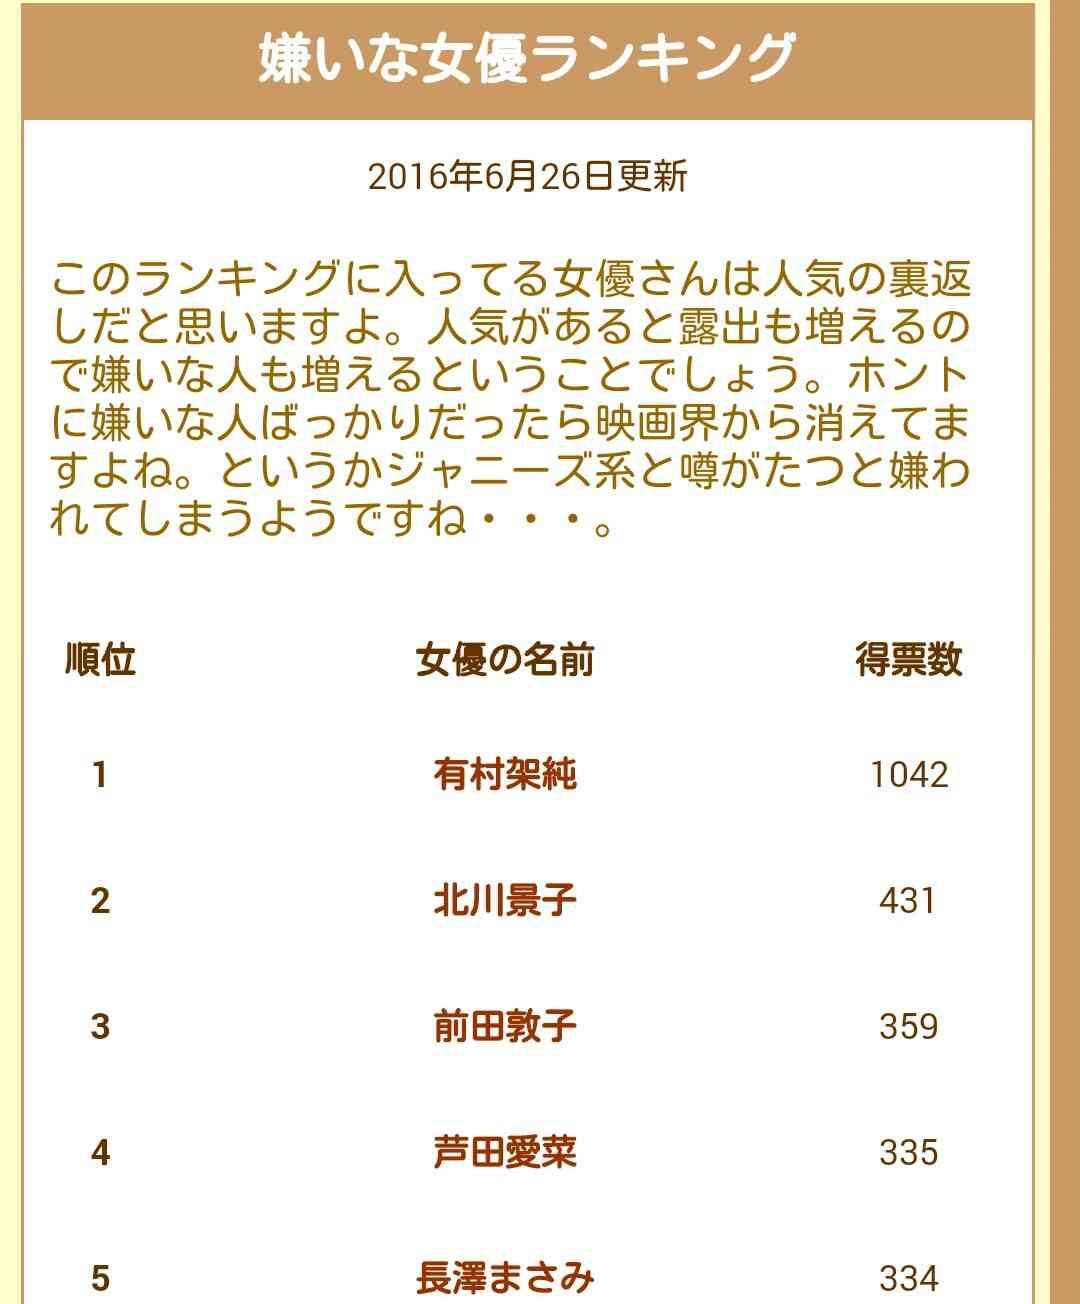 有村架純、NHK来春朝ドラ『ひよっこ』ヒロインに決定 脚本は岡田惠和氏